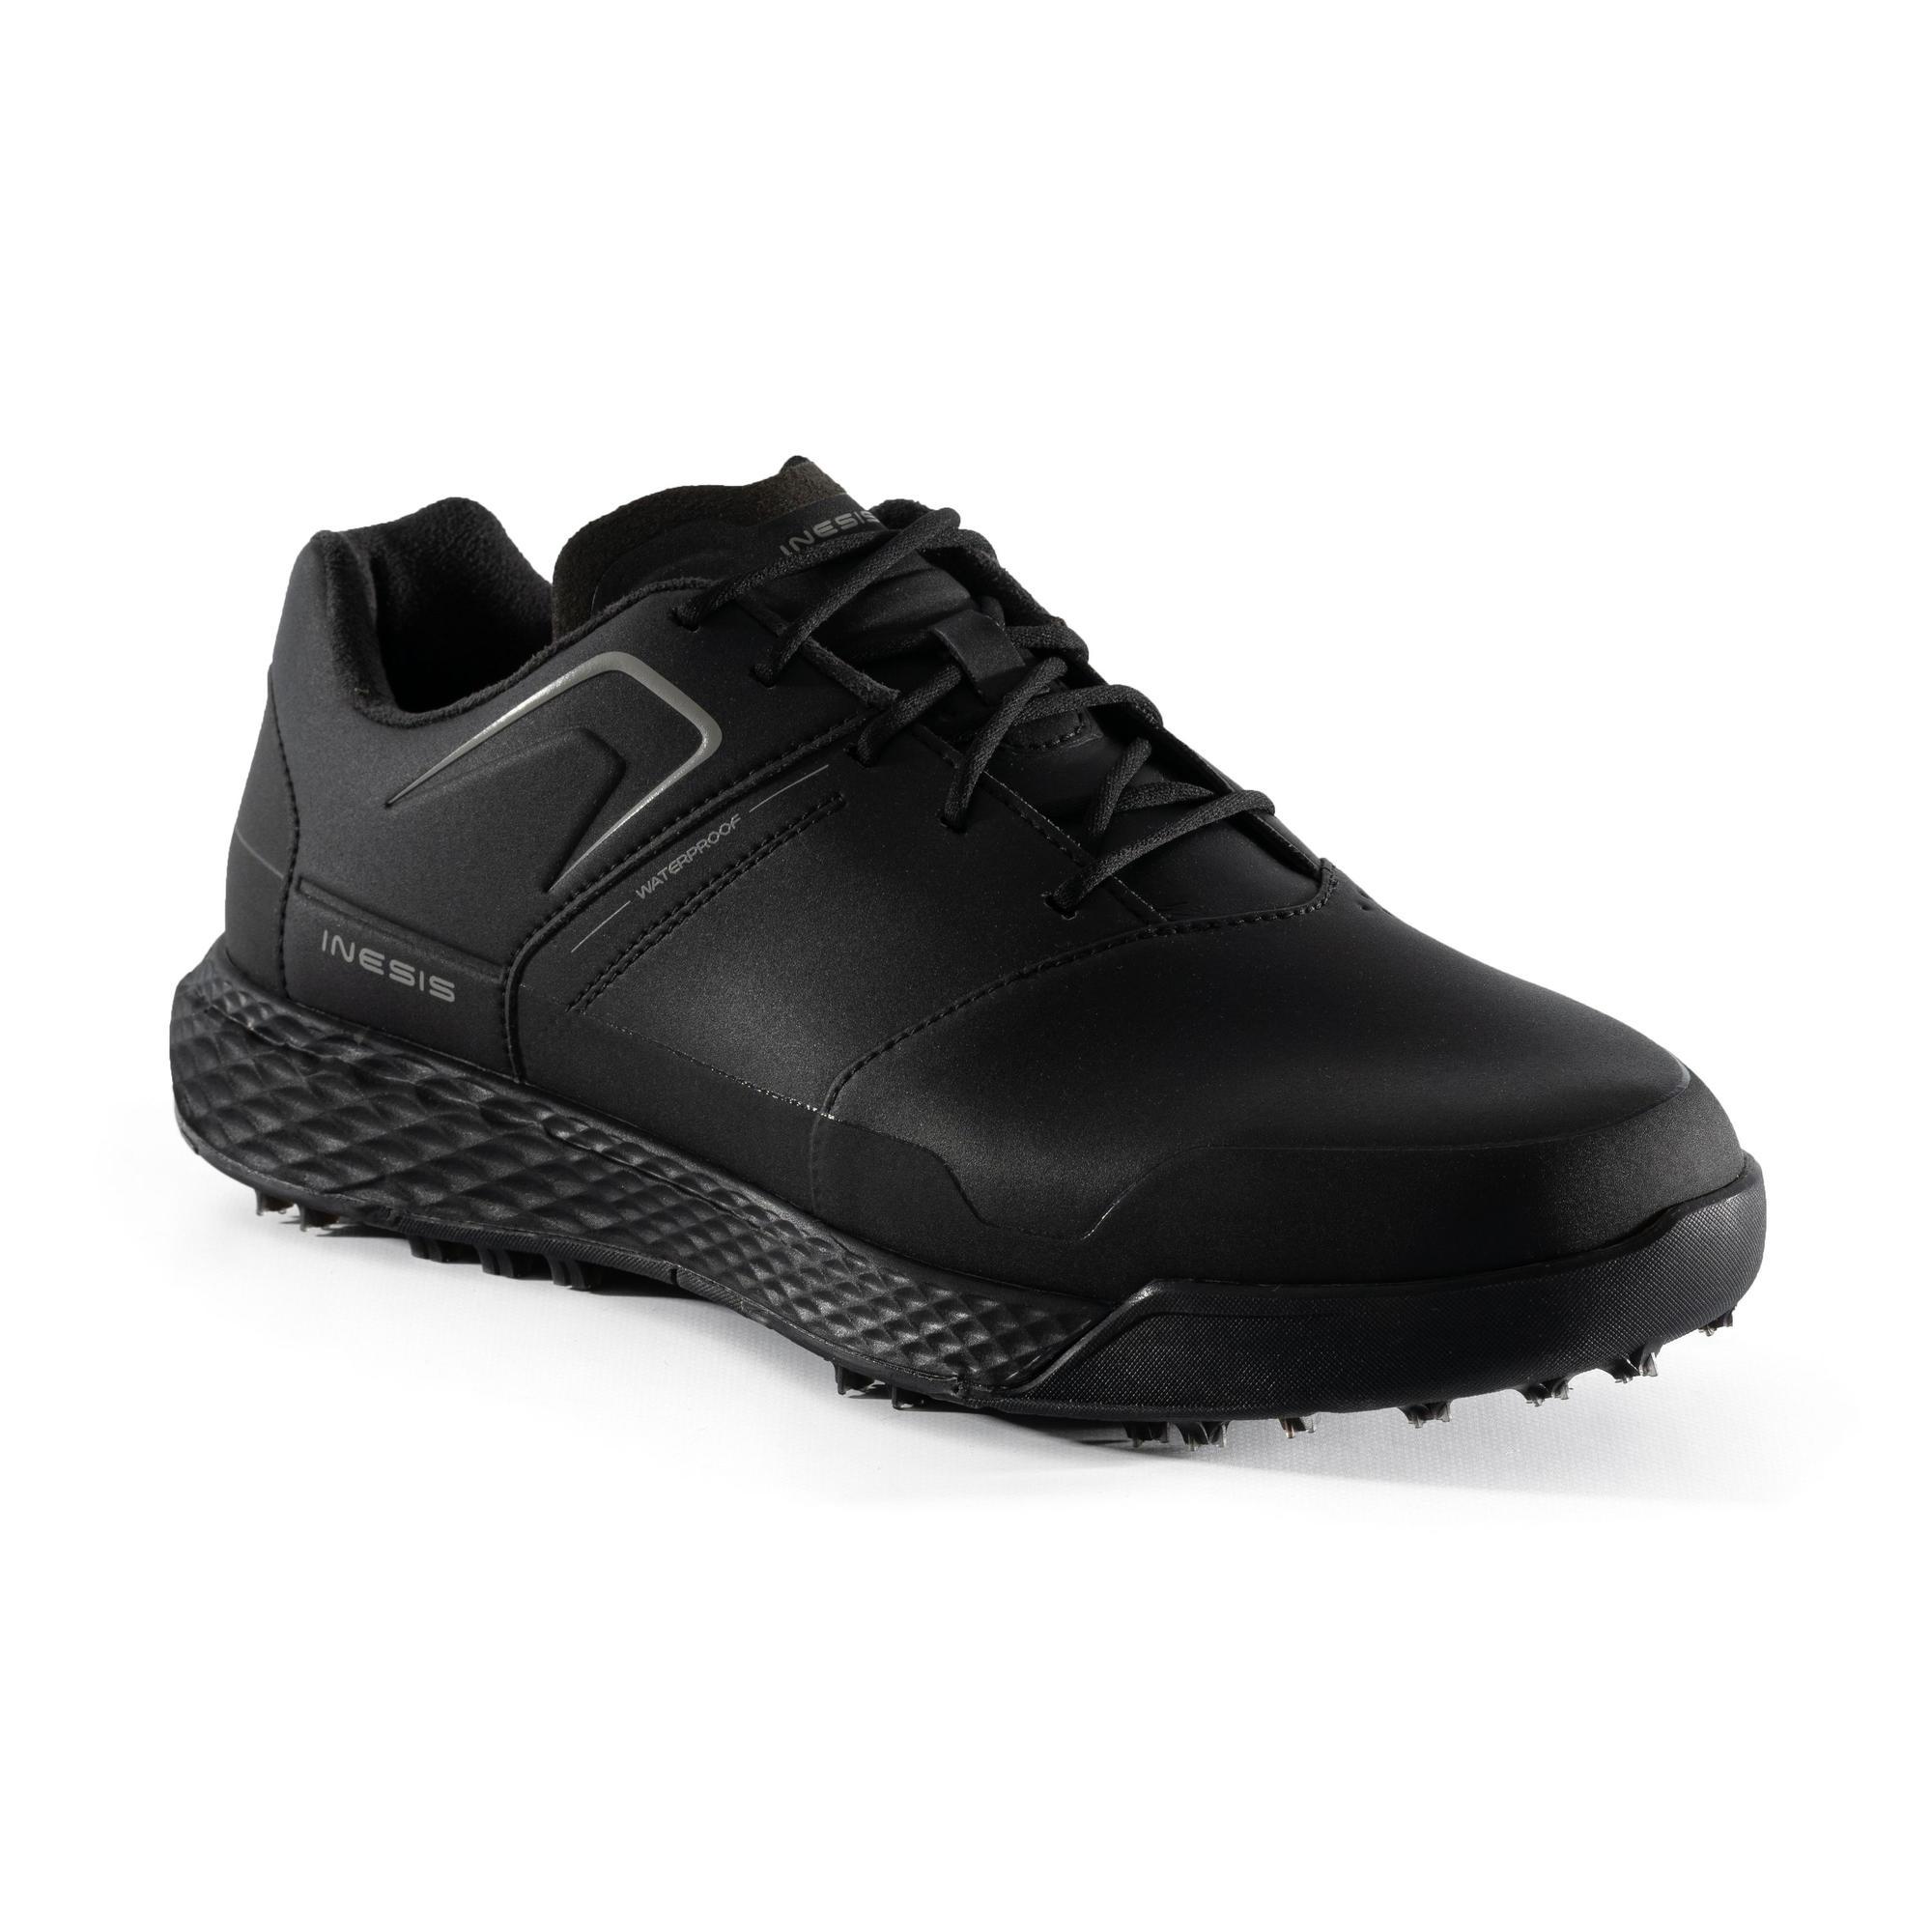 Men S Grip Waterproof Golf Shoes Black Inesis Golf